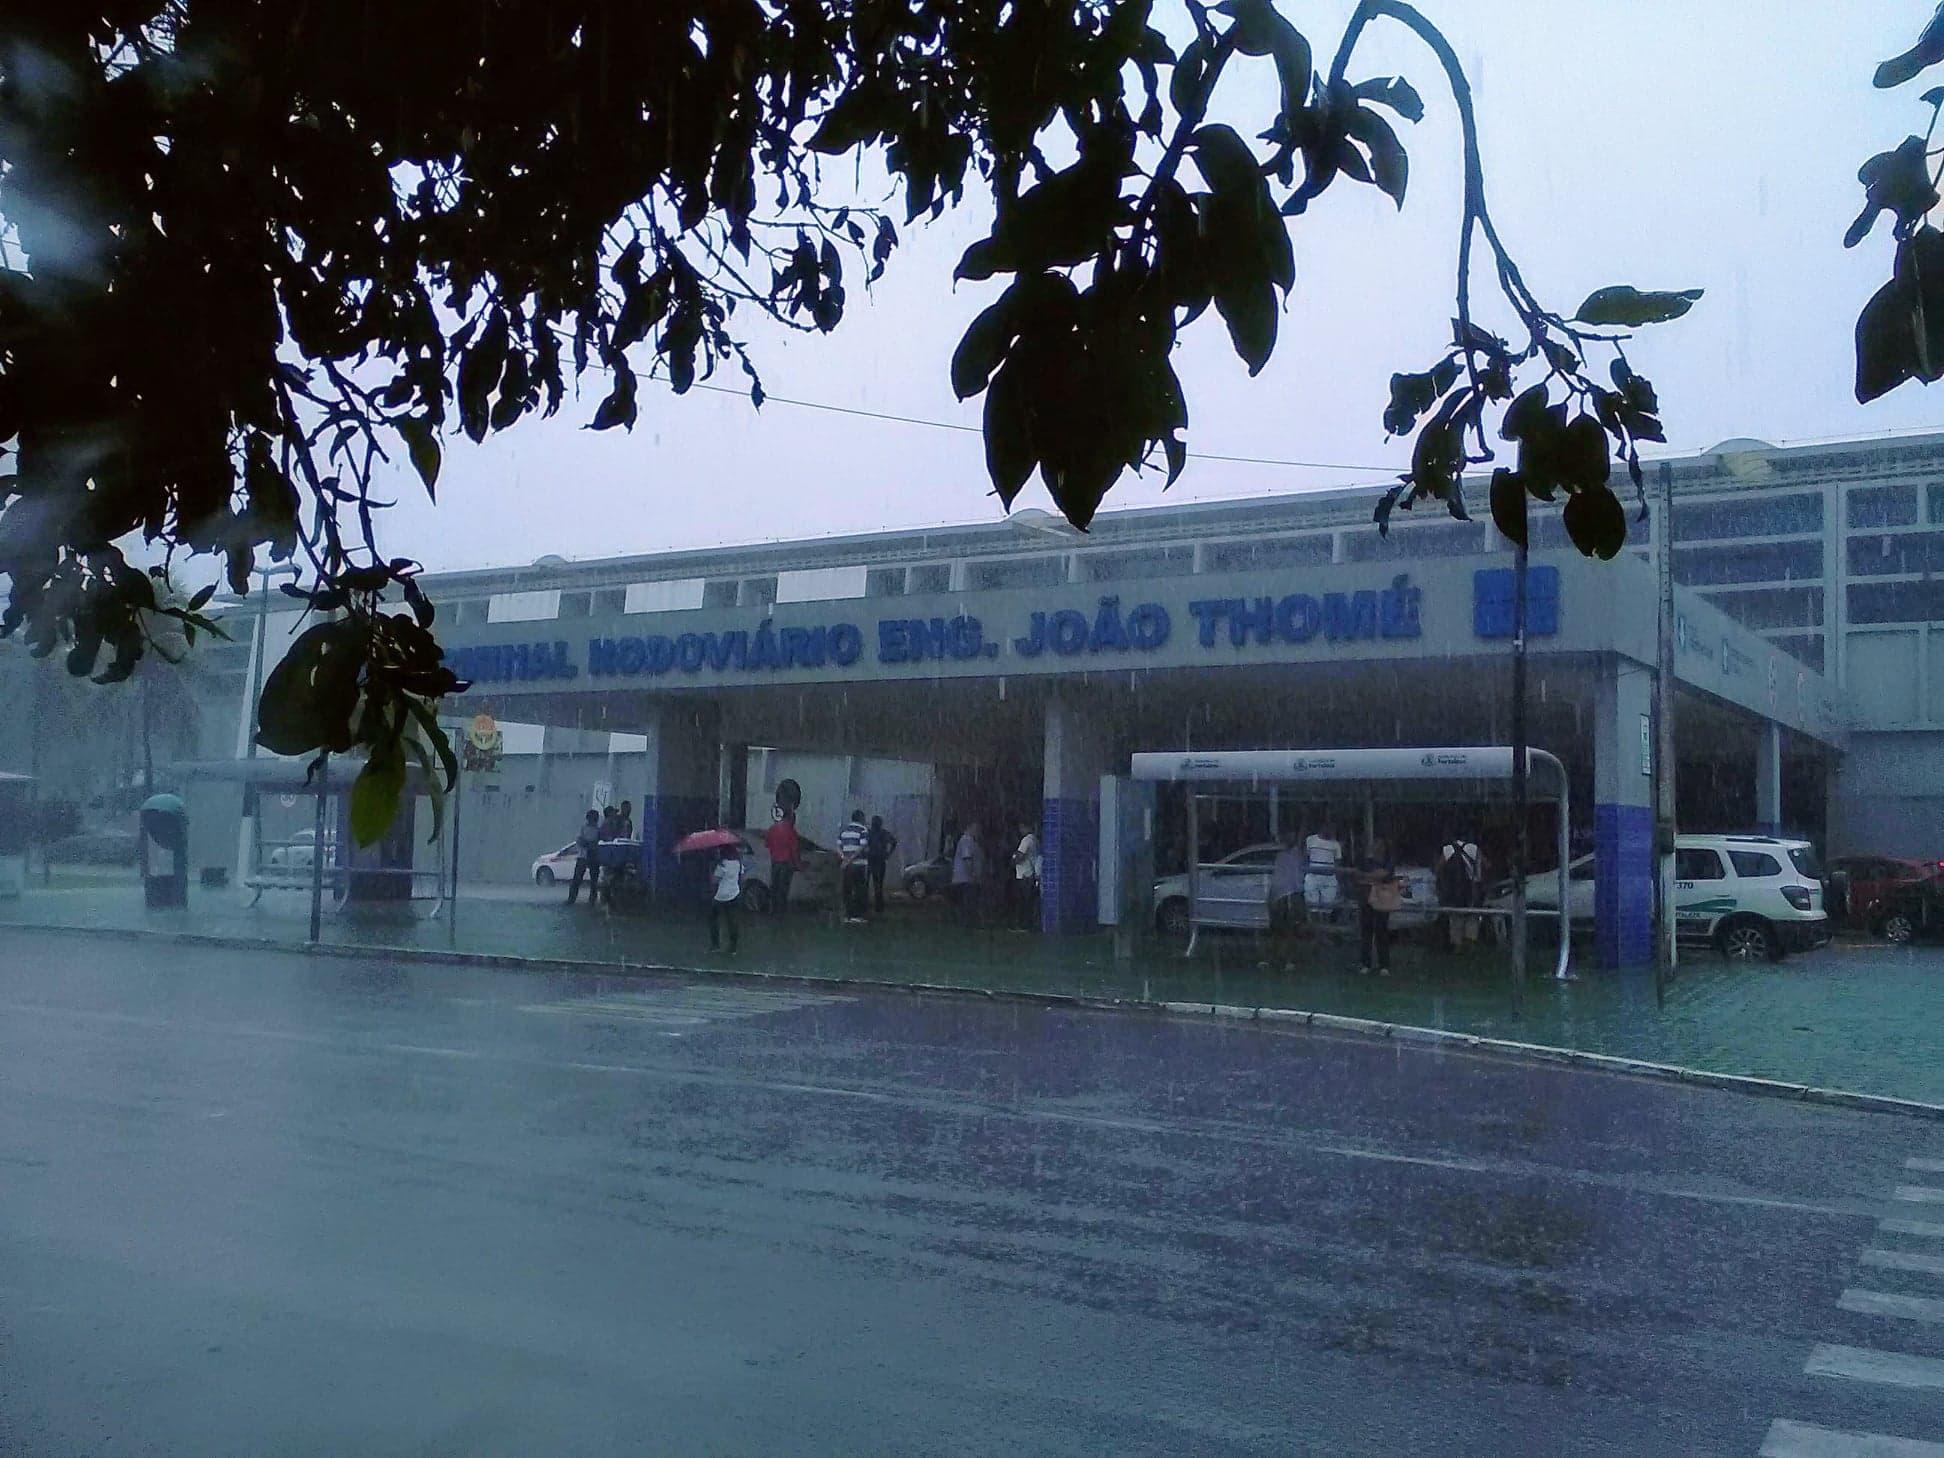 Bustation-verbindingen-door-heel-brazilie